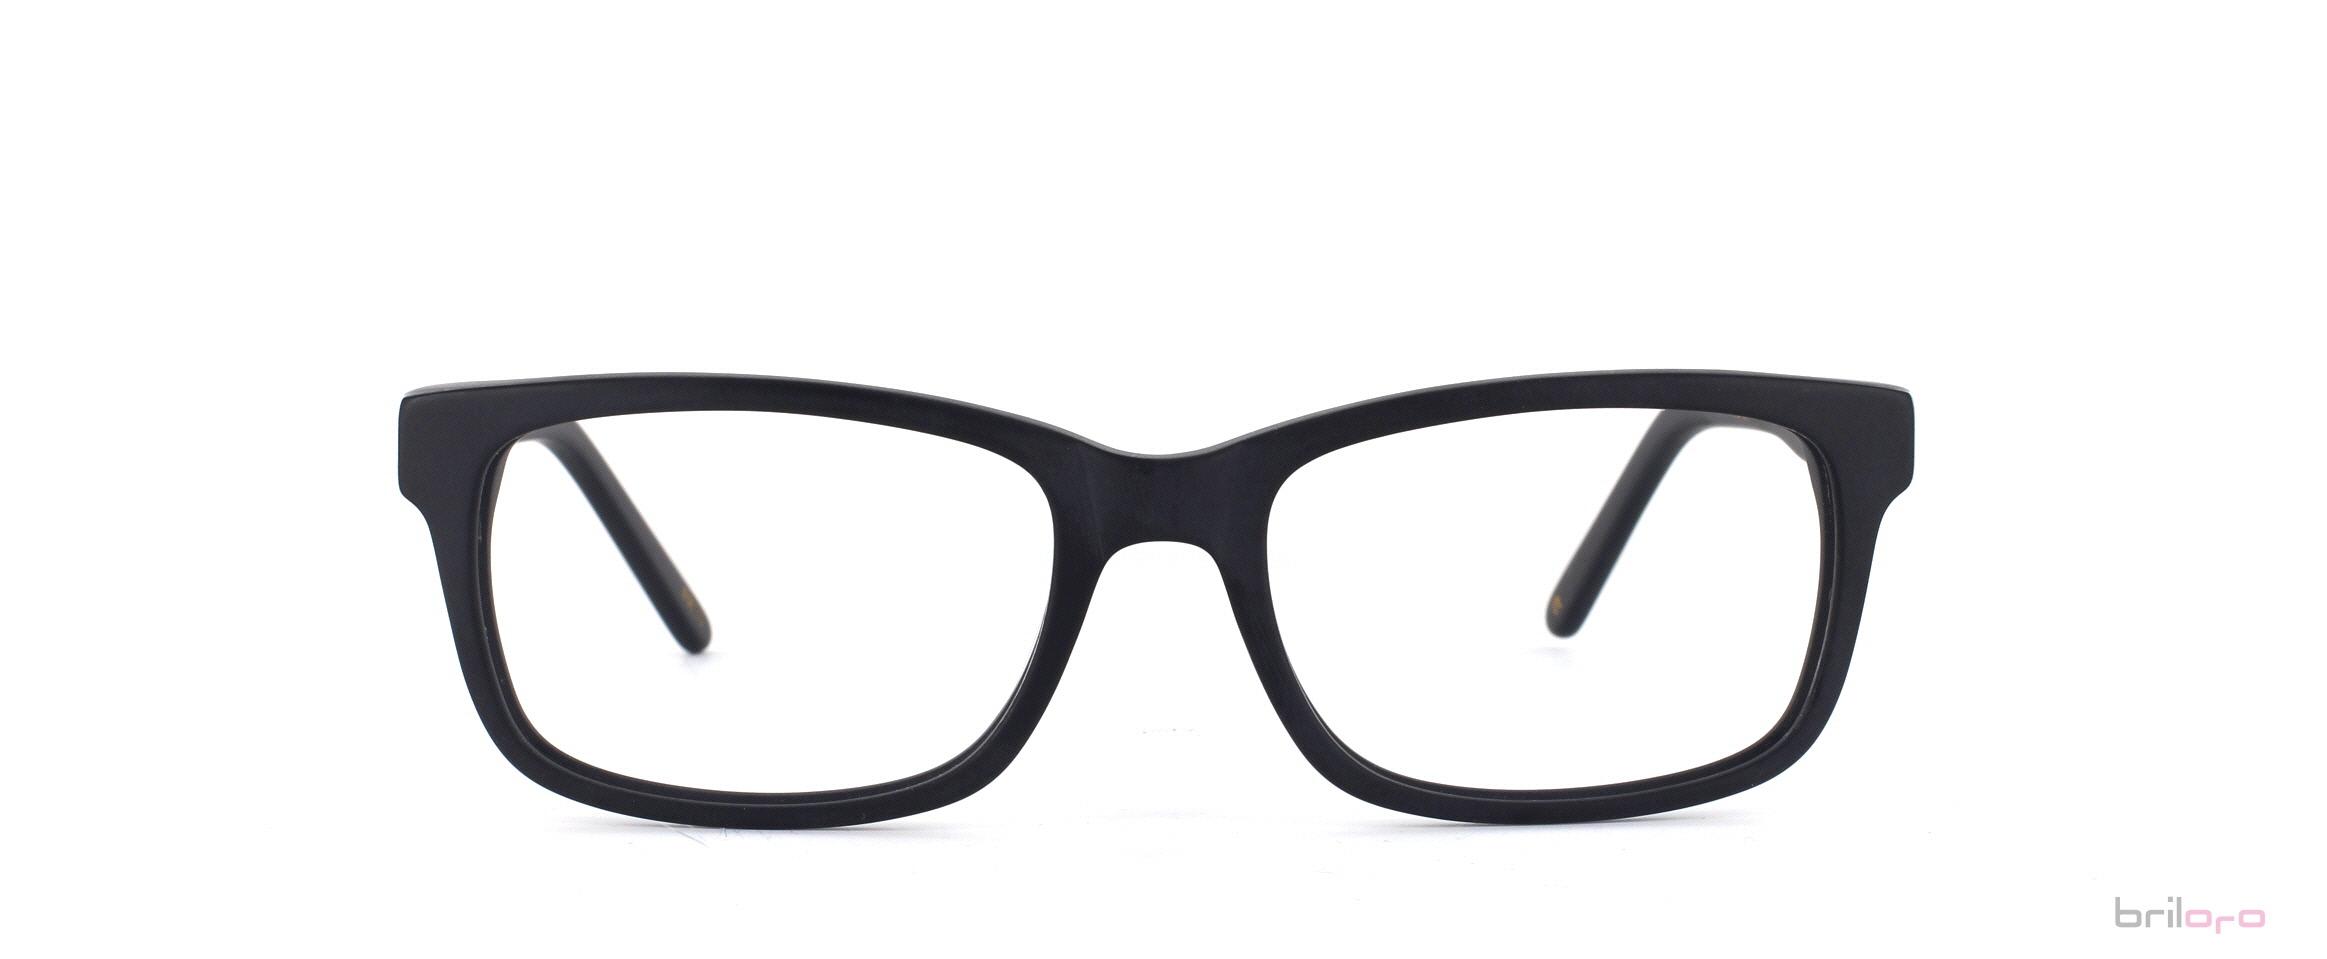 Gillian Raw jet black Brille für ovale Gesichter exklusiv bei Briloro kaufen!